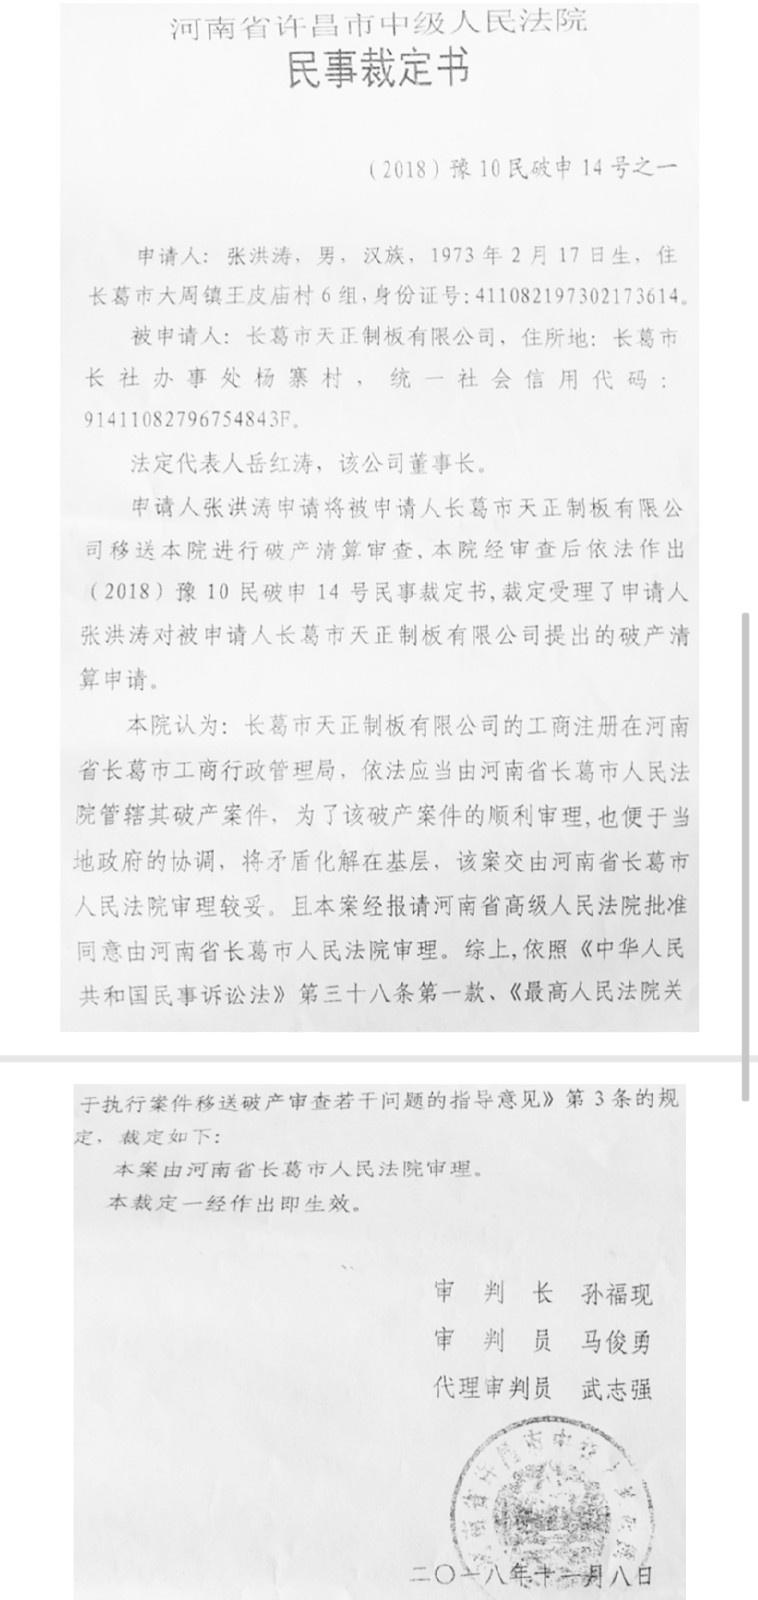 河南长葛市一企业破产被指逃避债务 曾多家银行循环贷款造成3亿坏账-中国商网 中国商报社1